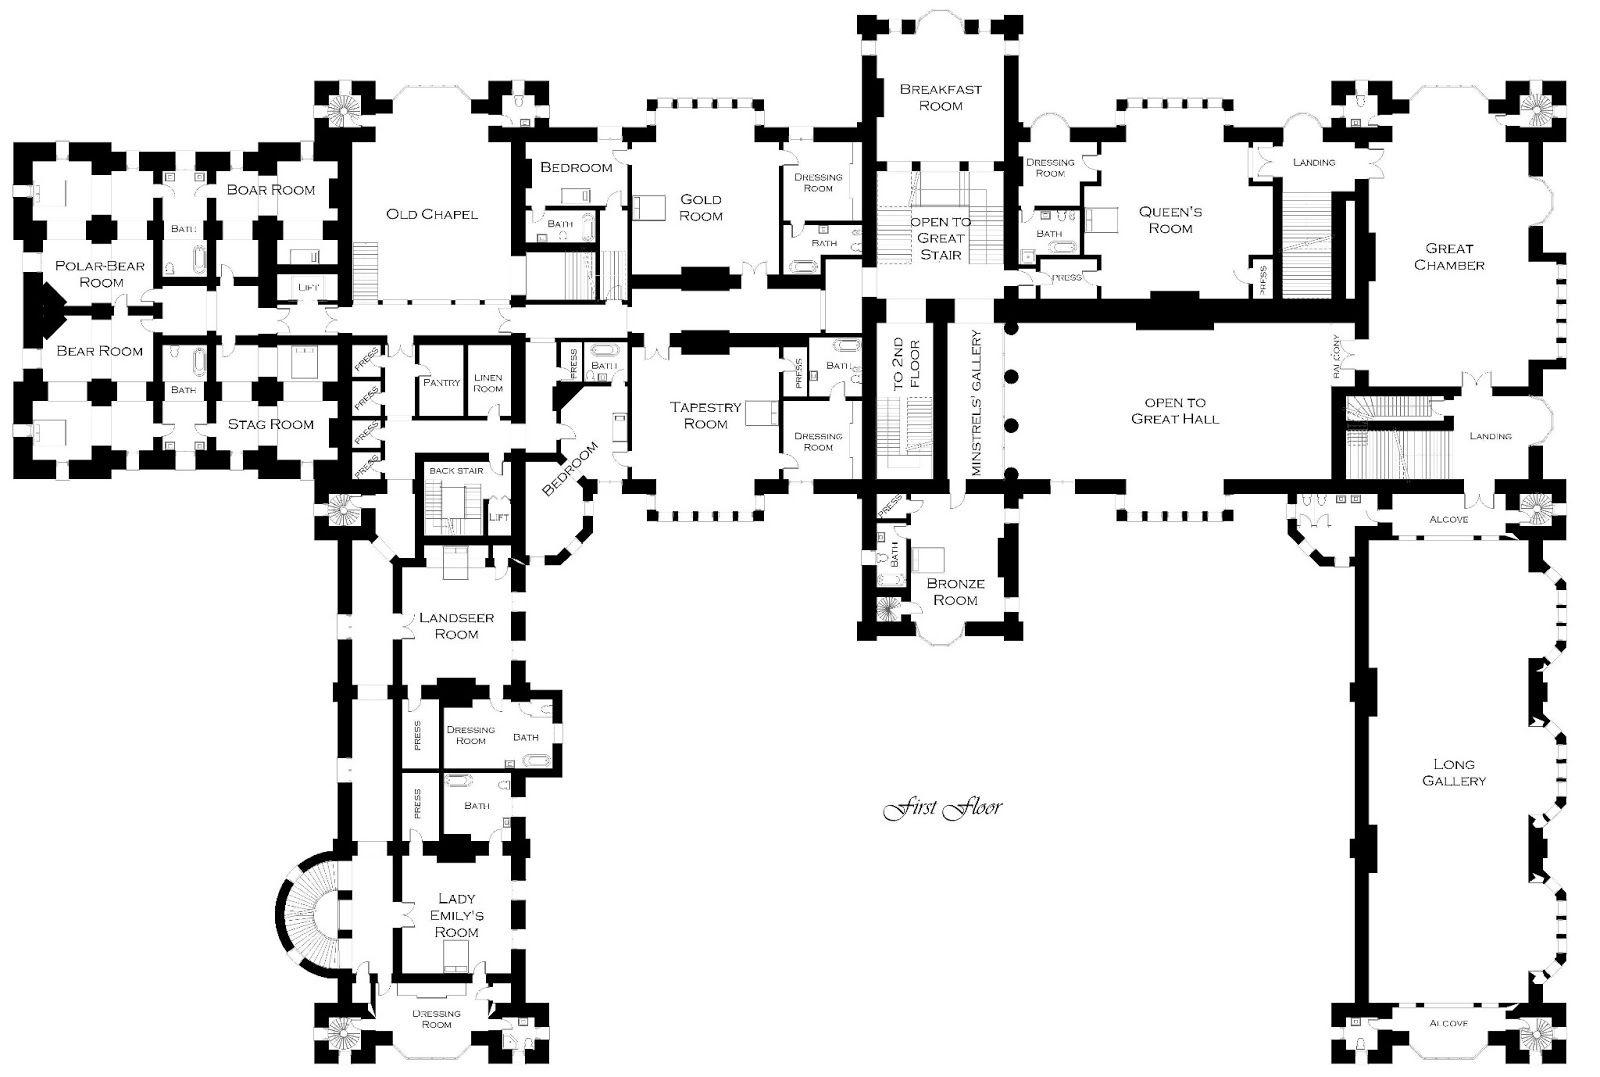 Lord foxbridge in progress new floor plans